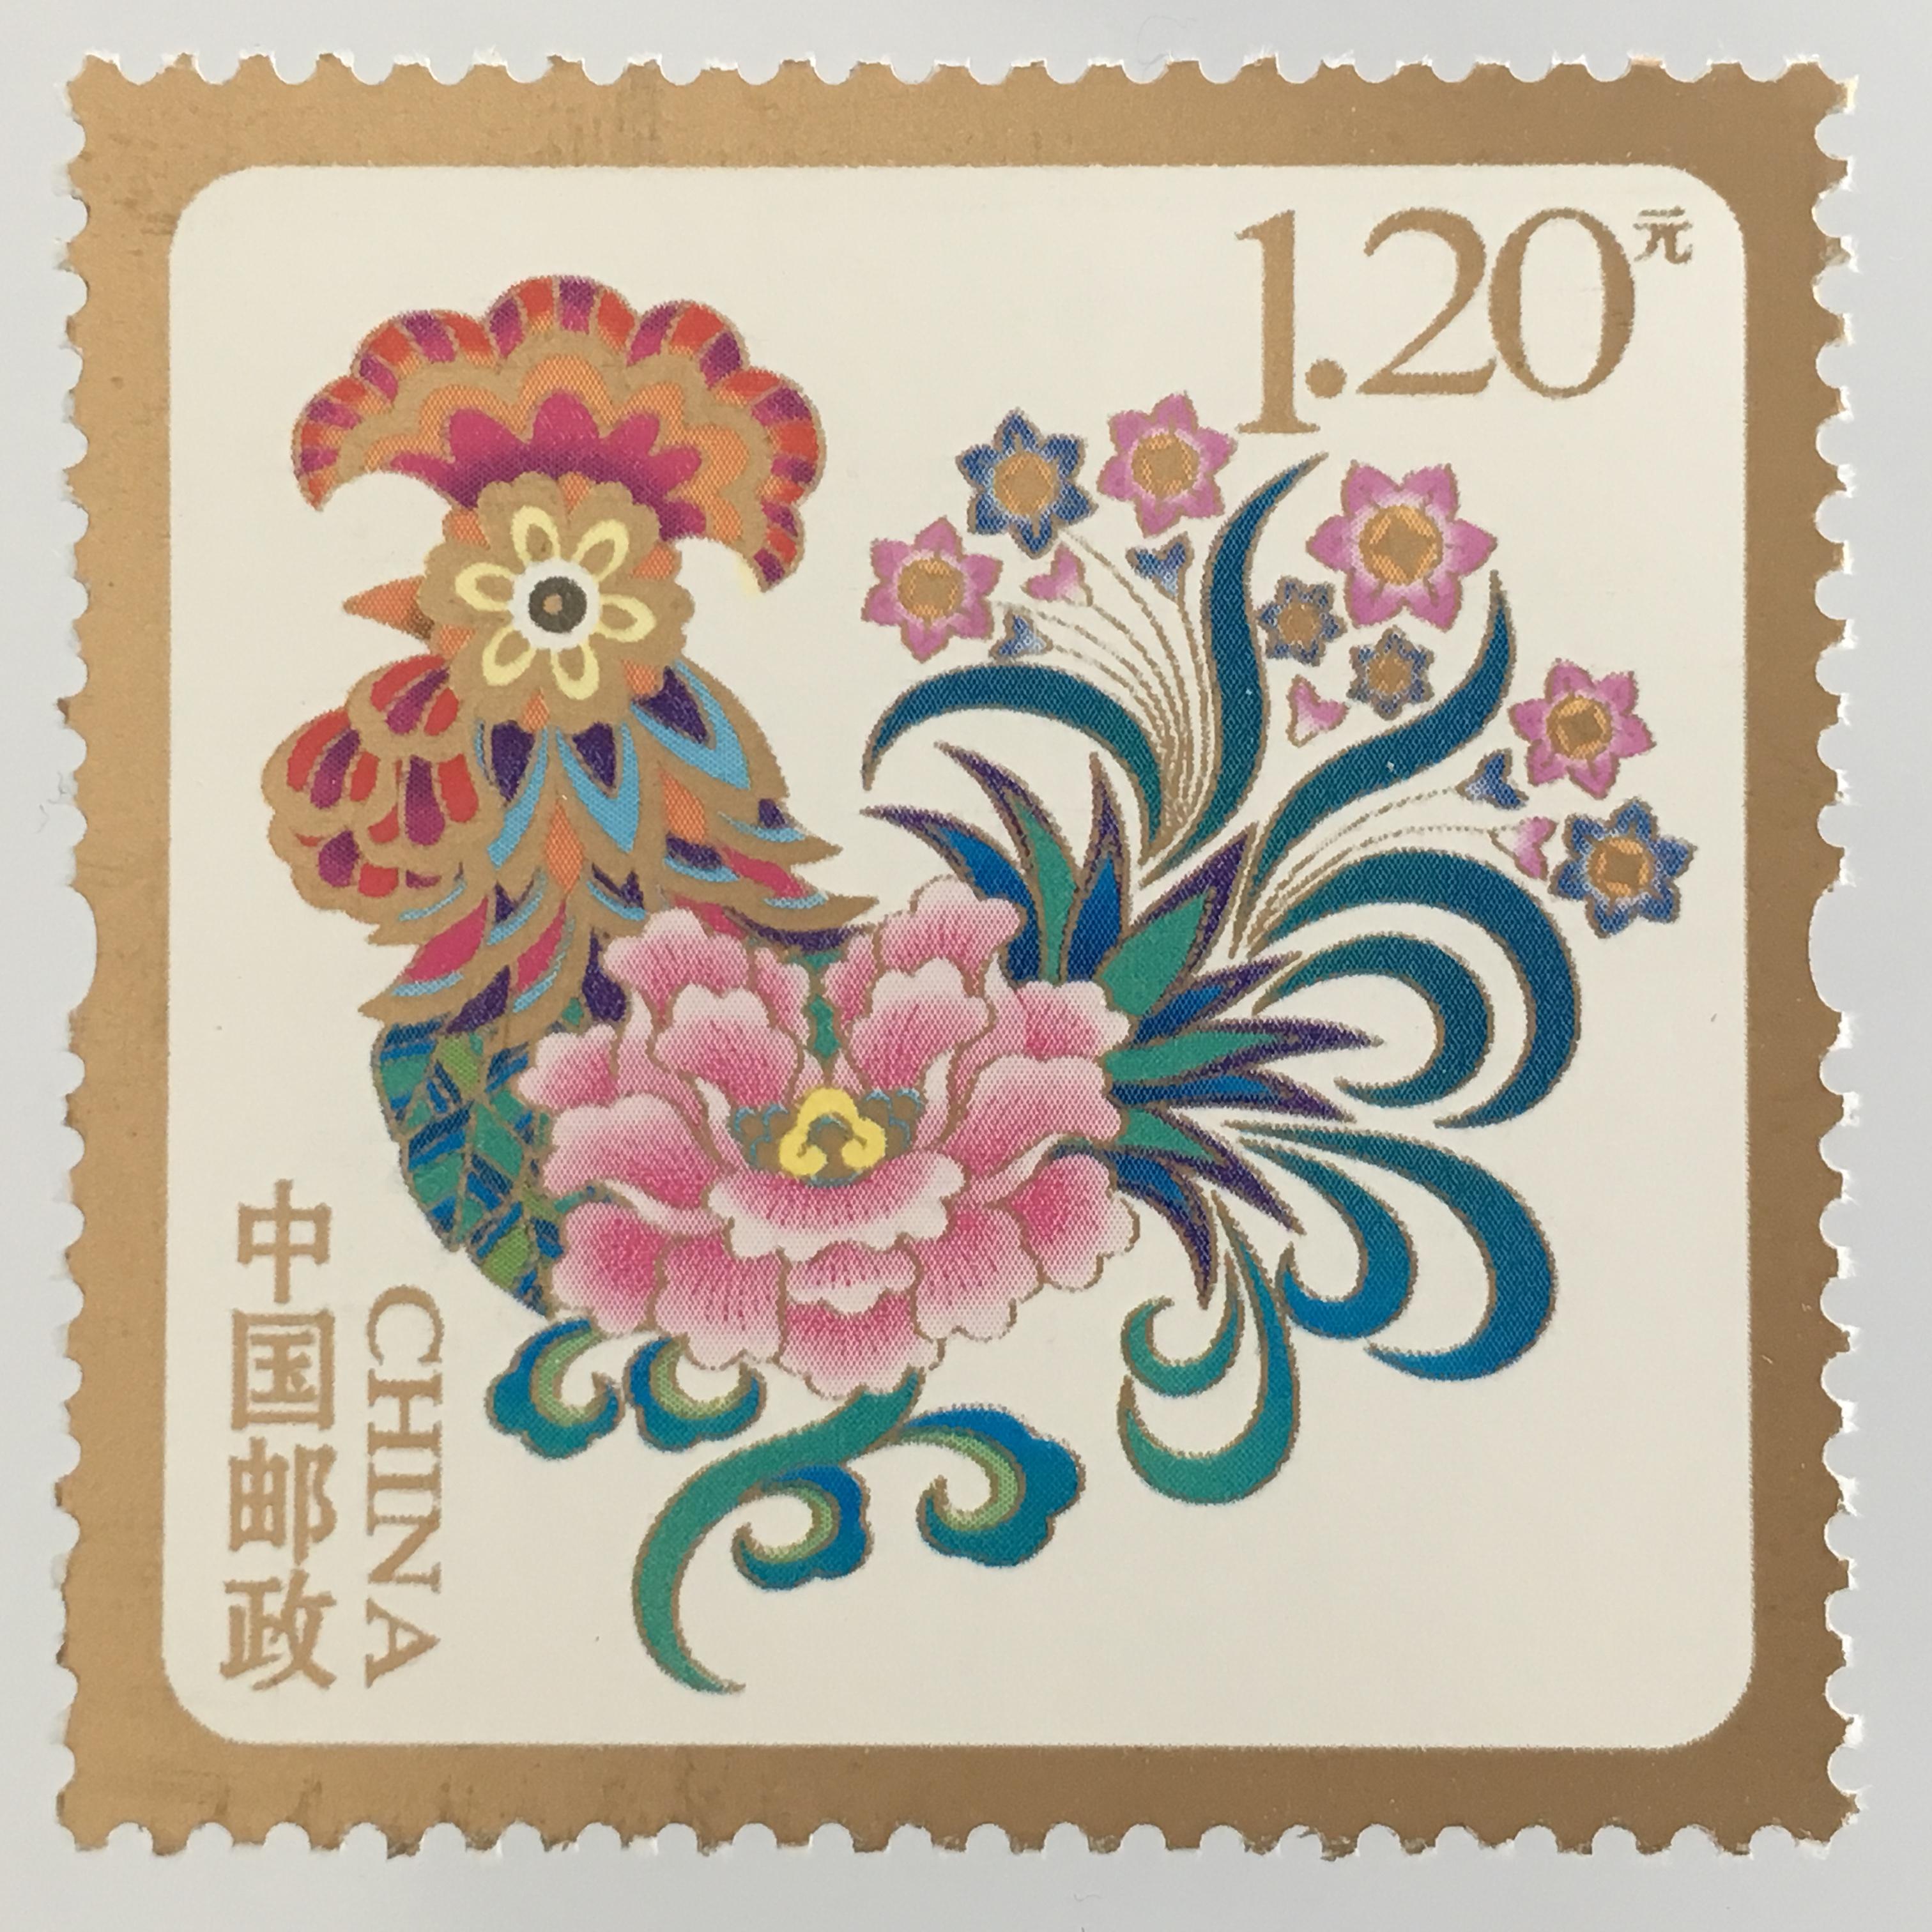 vr china 2016 michel nr 4843 chinesisches horoskop jahr des hahns feuerhahn briefmarkenhaus engel. Black Bedroom Furniture Sets. Home Design Ideas